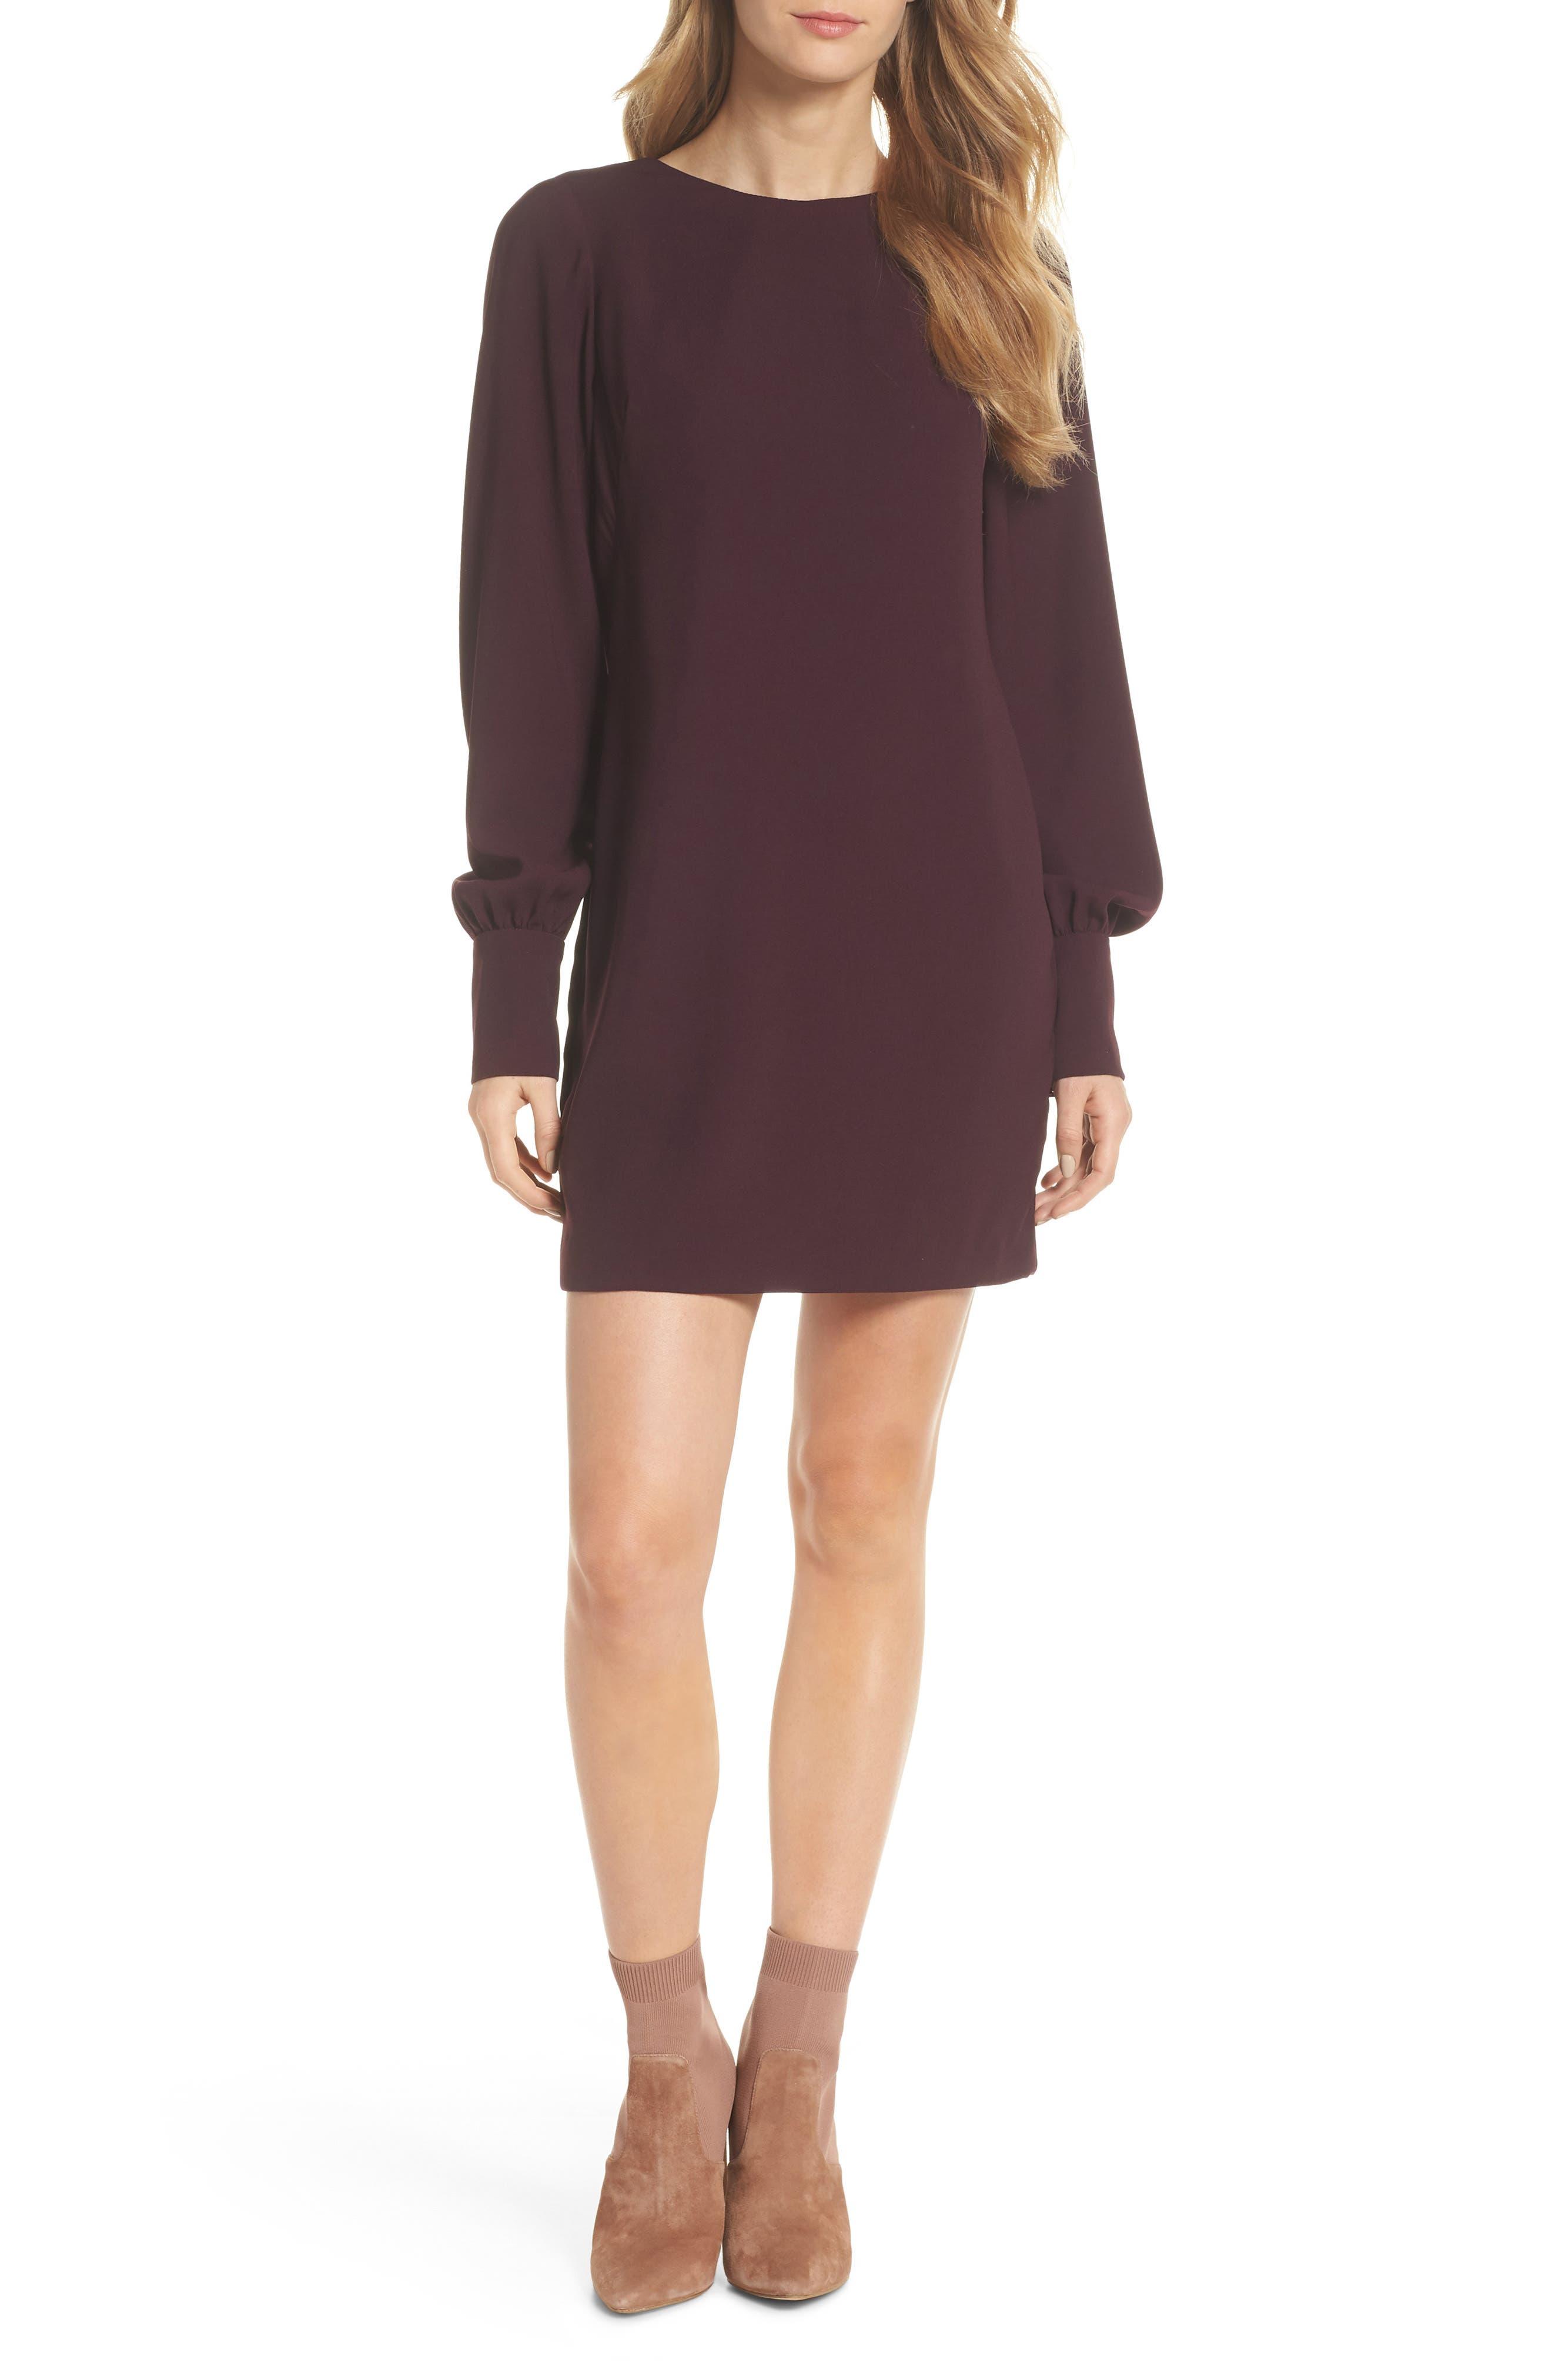 High kleider sale